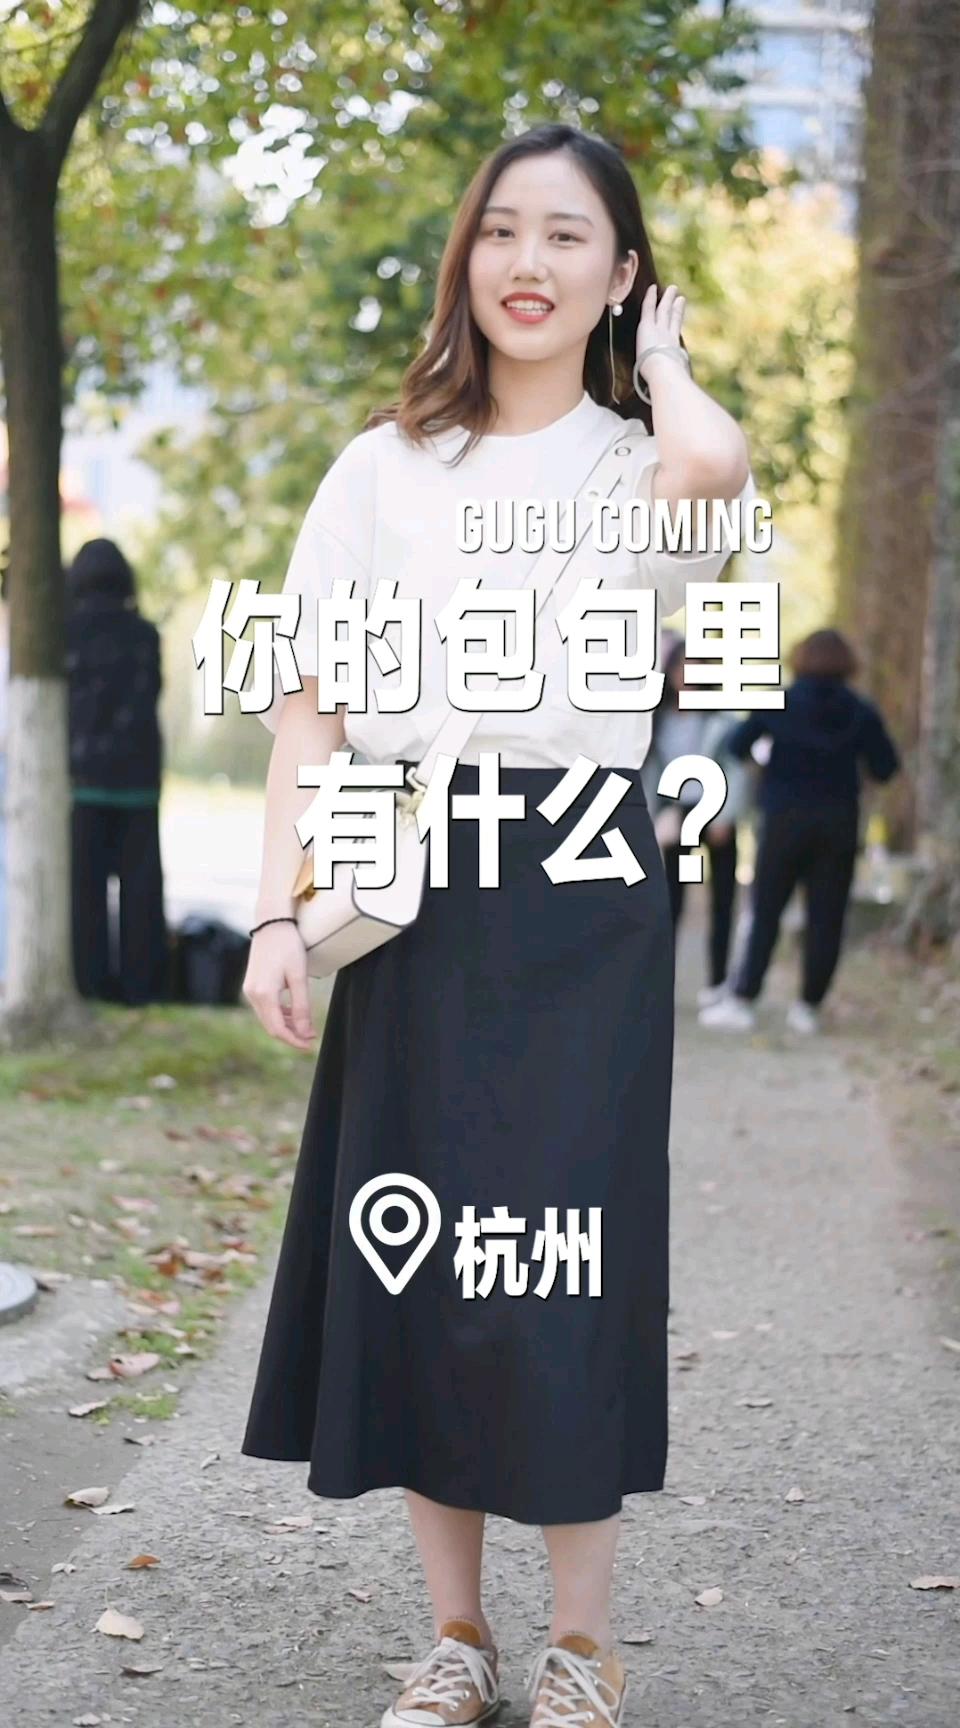 街头开包记!小姐姐包里的3支口红是仙女必备了~#杭州#仙女们包里带几只口红呀?